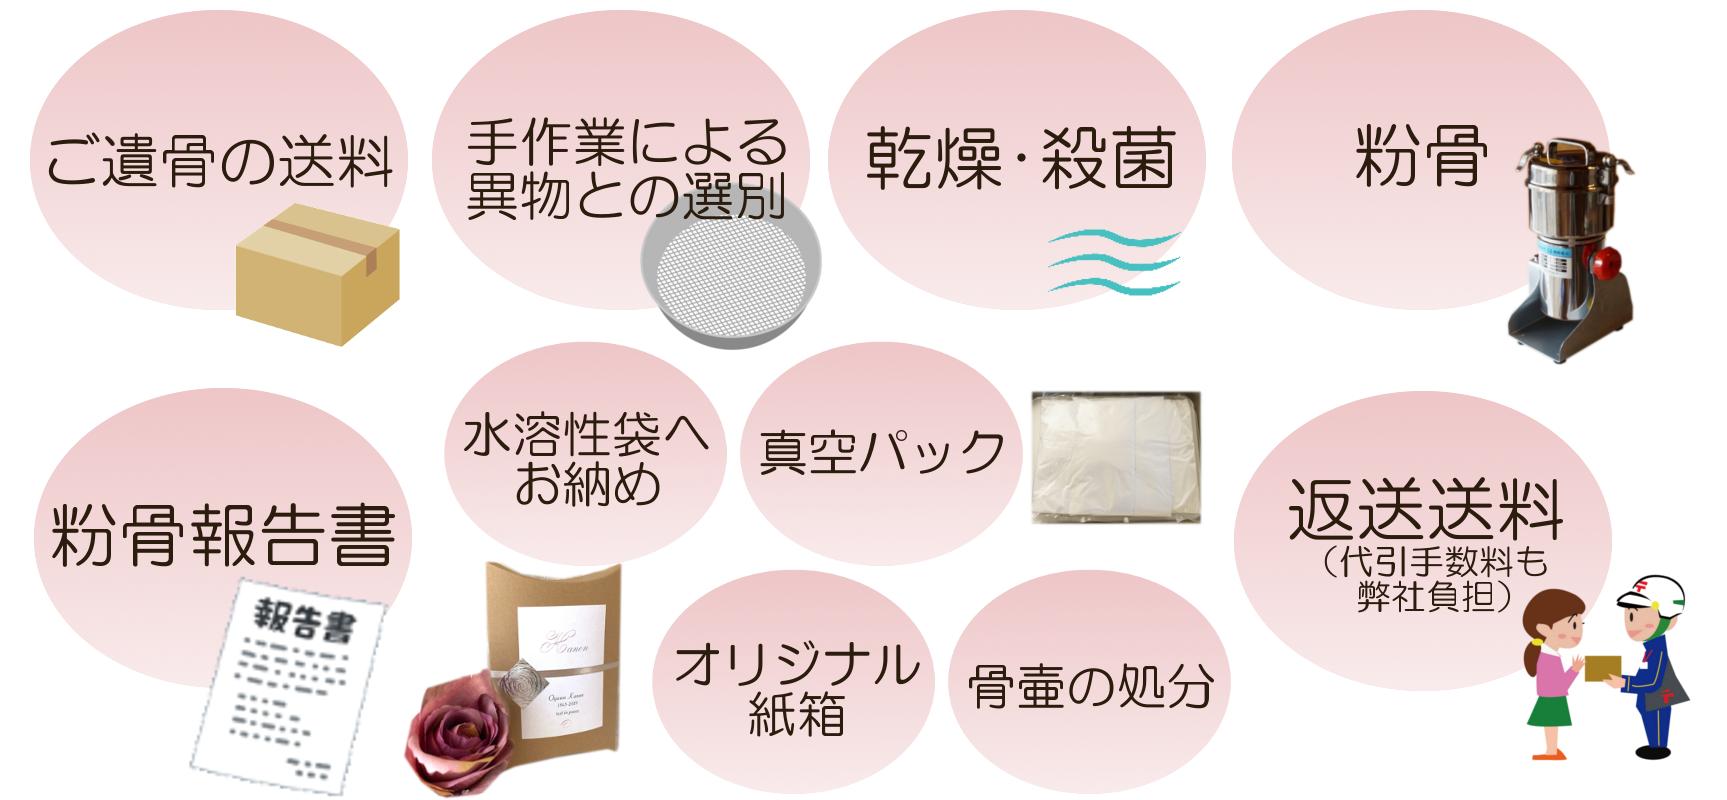 粉骨・散骨サービス カノン